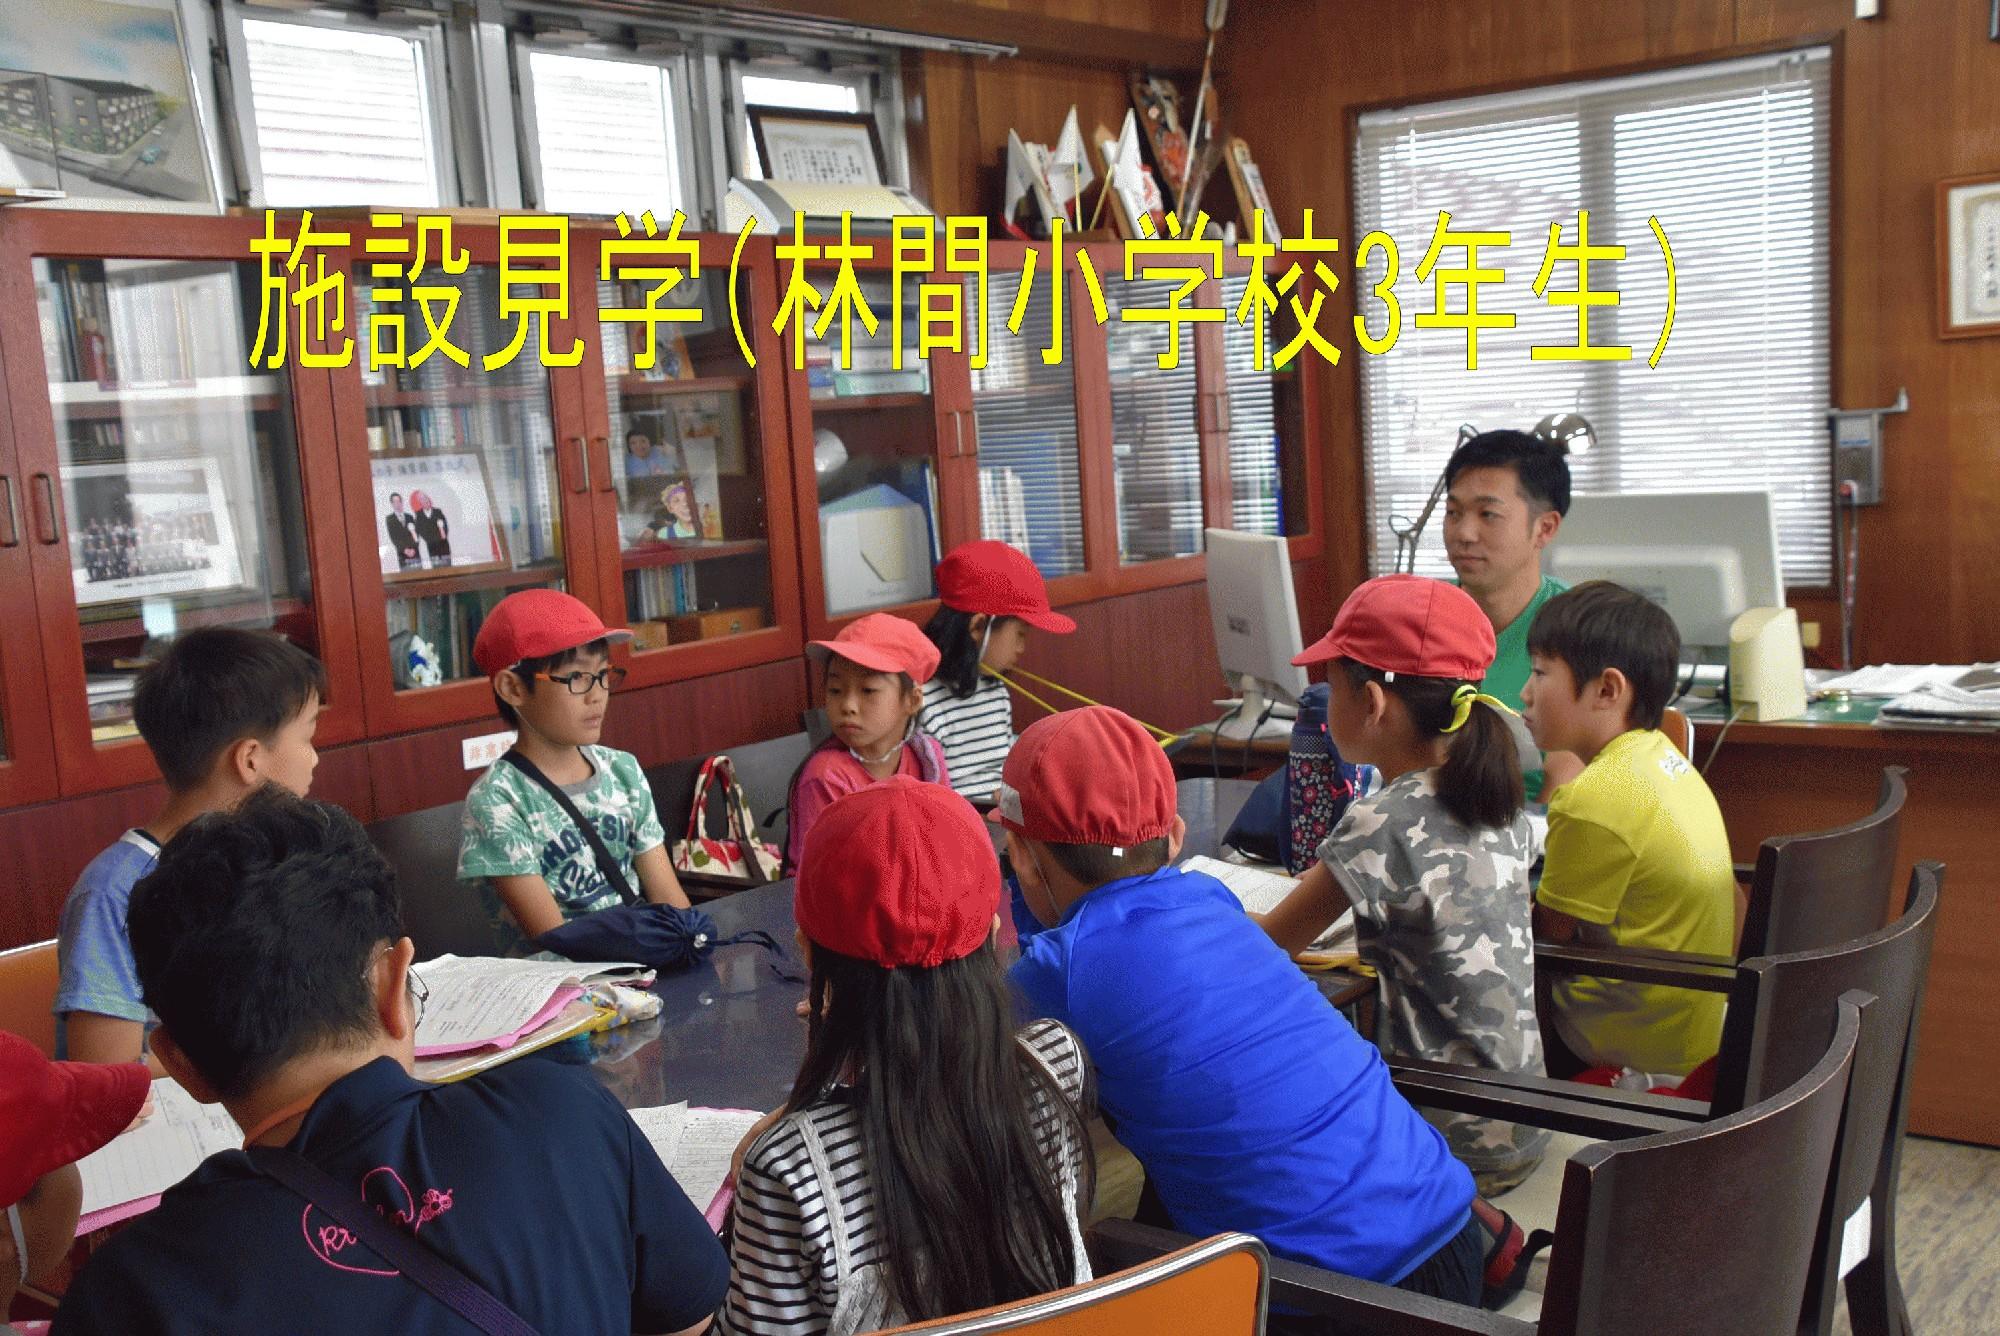 林間小学校(施設見学)